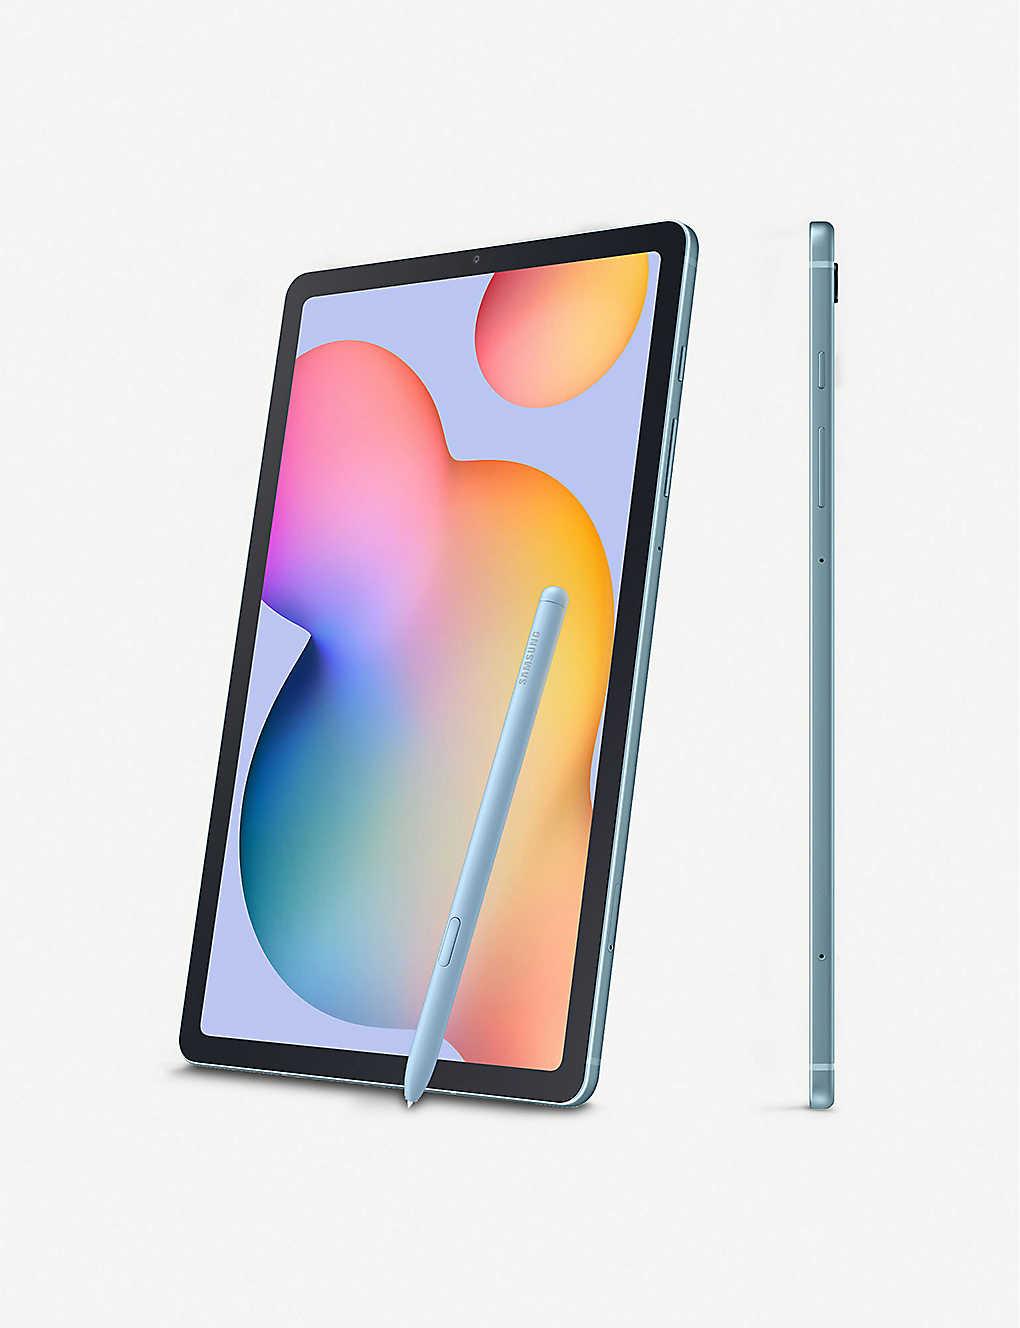 SAMSUNG Galaxy Tab S6 Lite tablet 64GB, Wi-Fi £297 at Selfridges